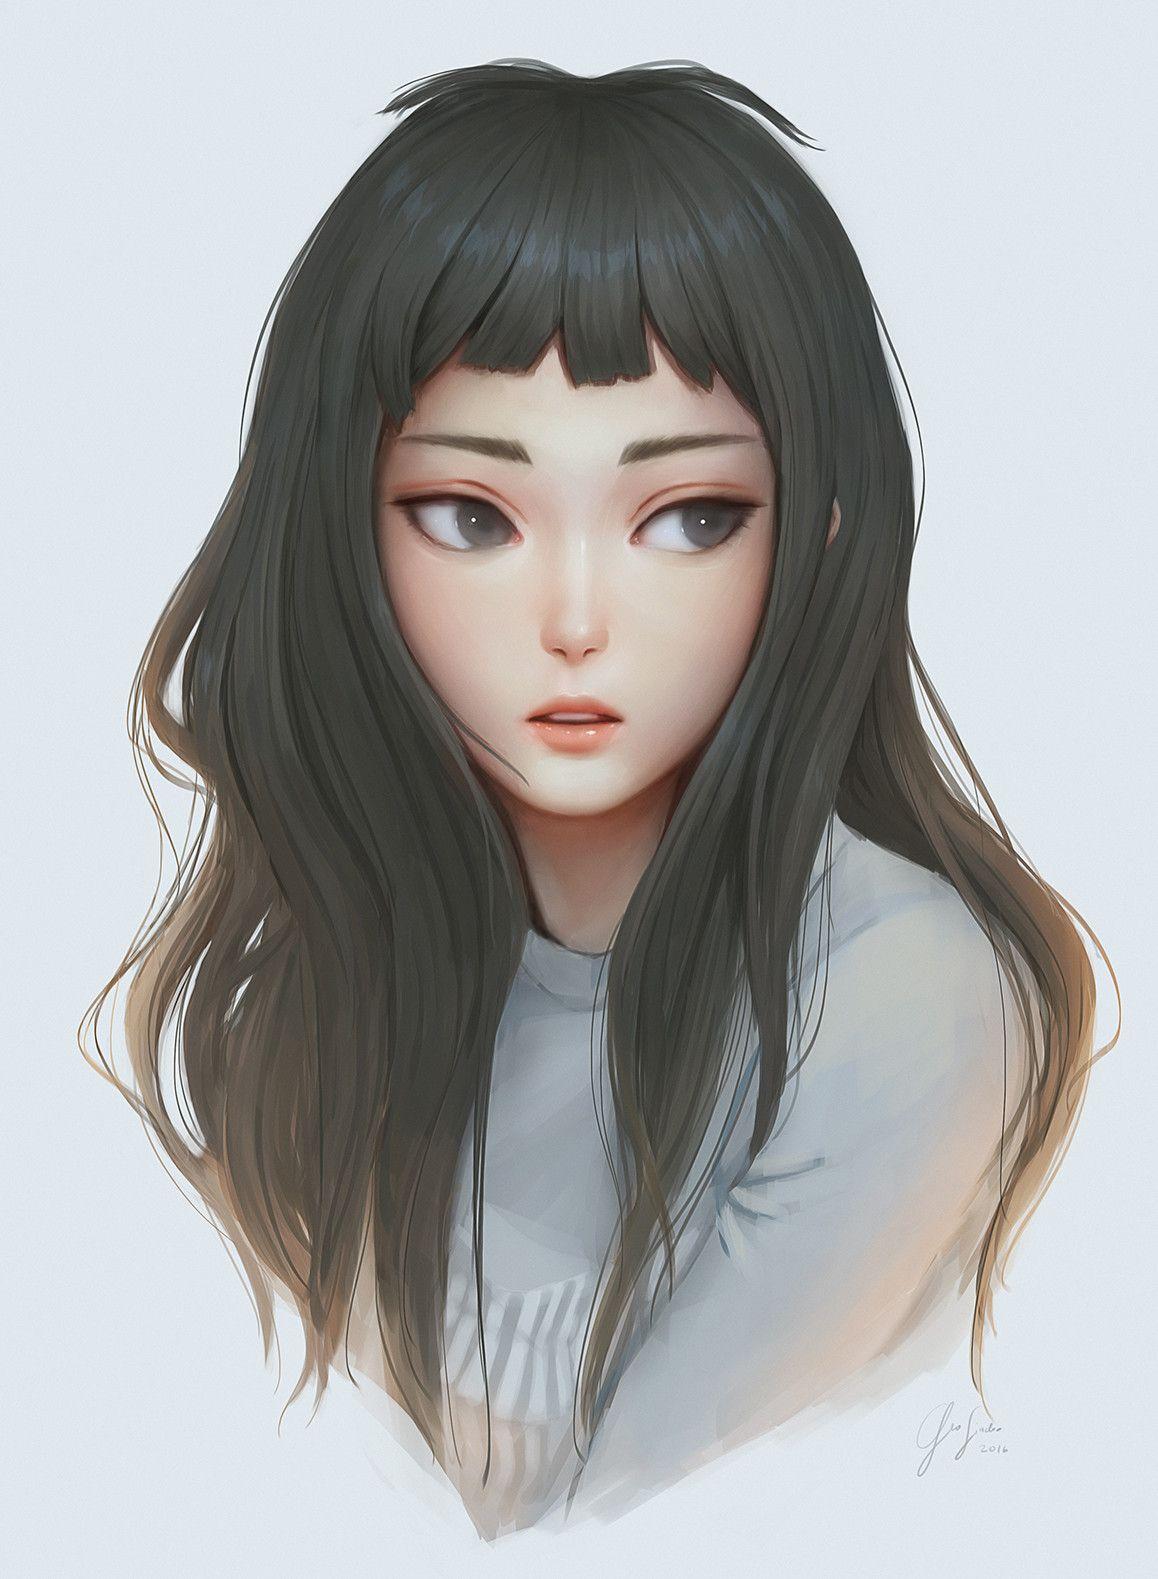 Portrait Geo Siador On Artstation At Https Www Artstation Com Artwork 0l2yk Digital Art Girl Art Girl Anime Art Girl